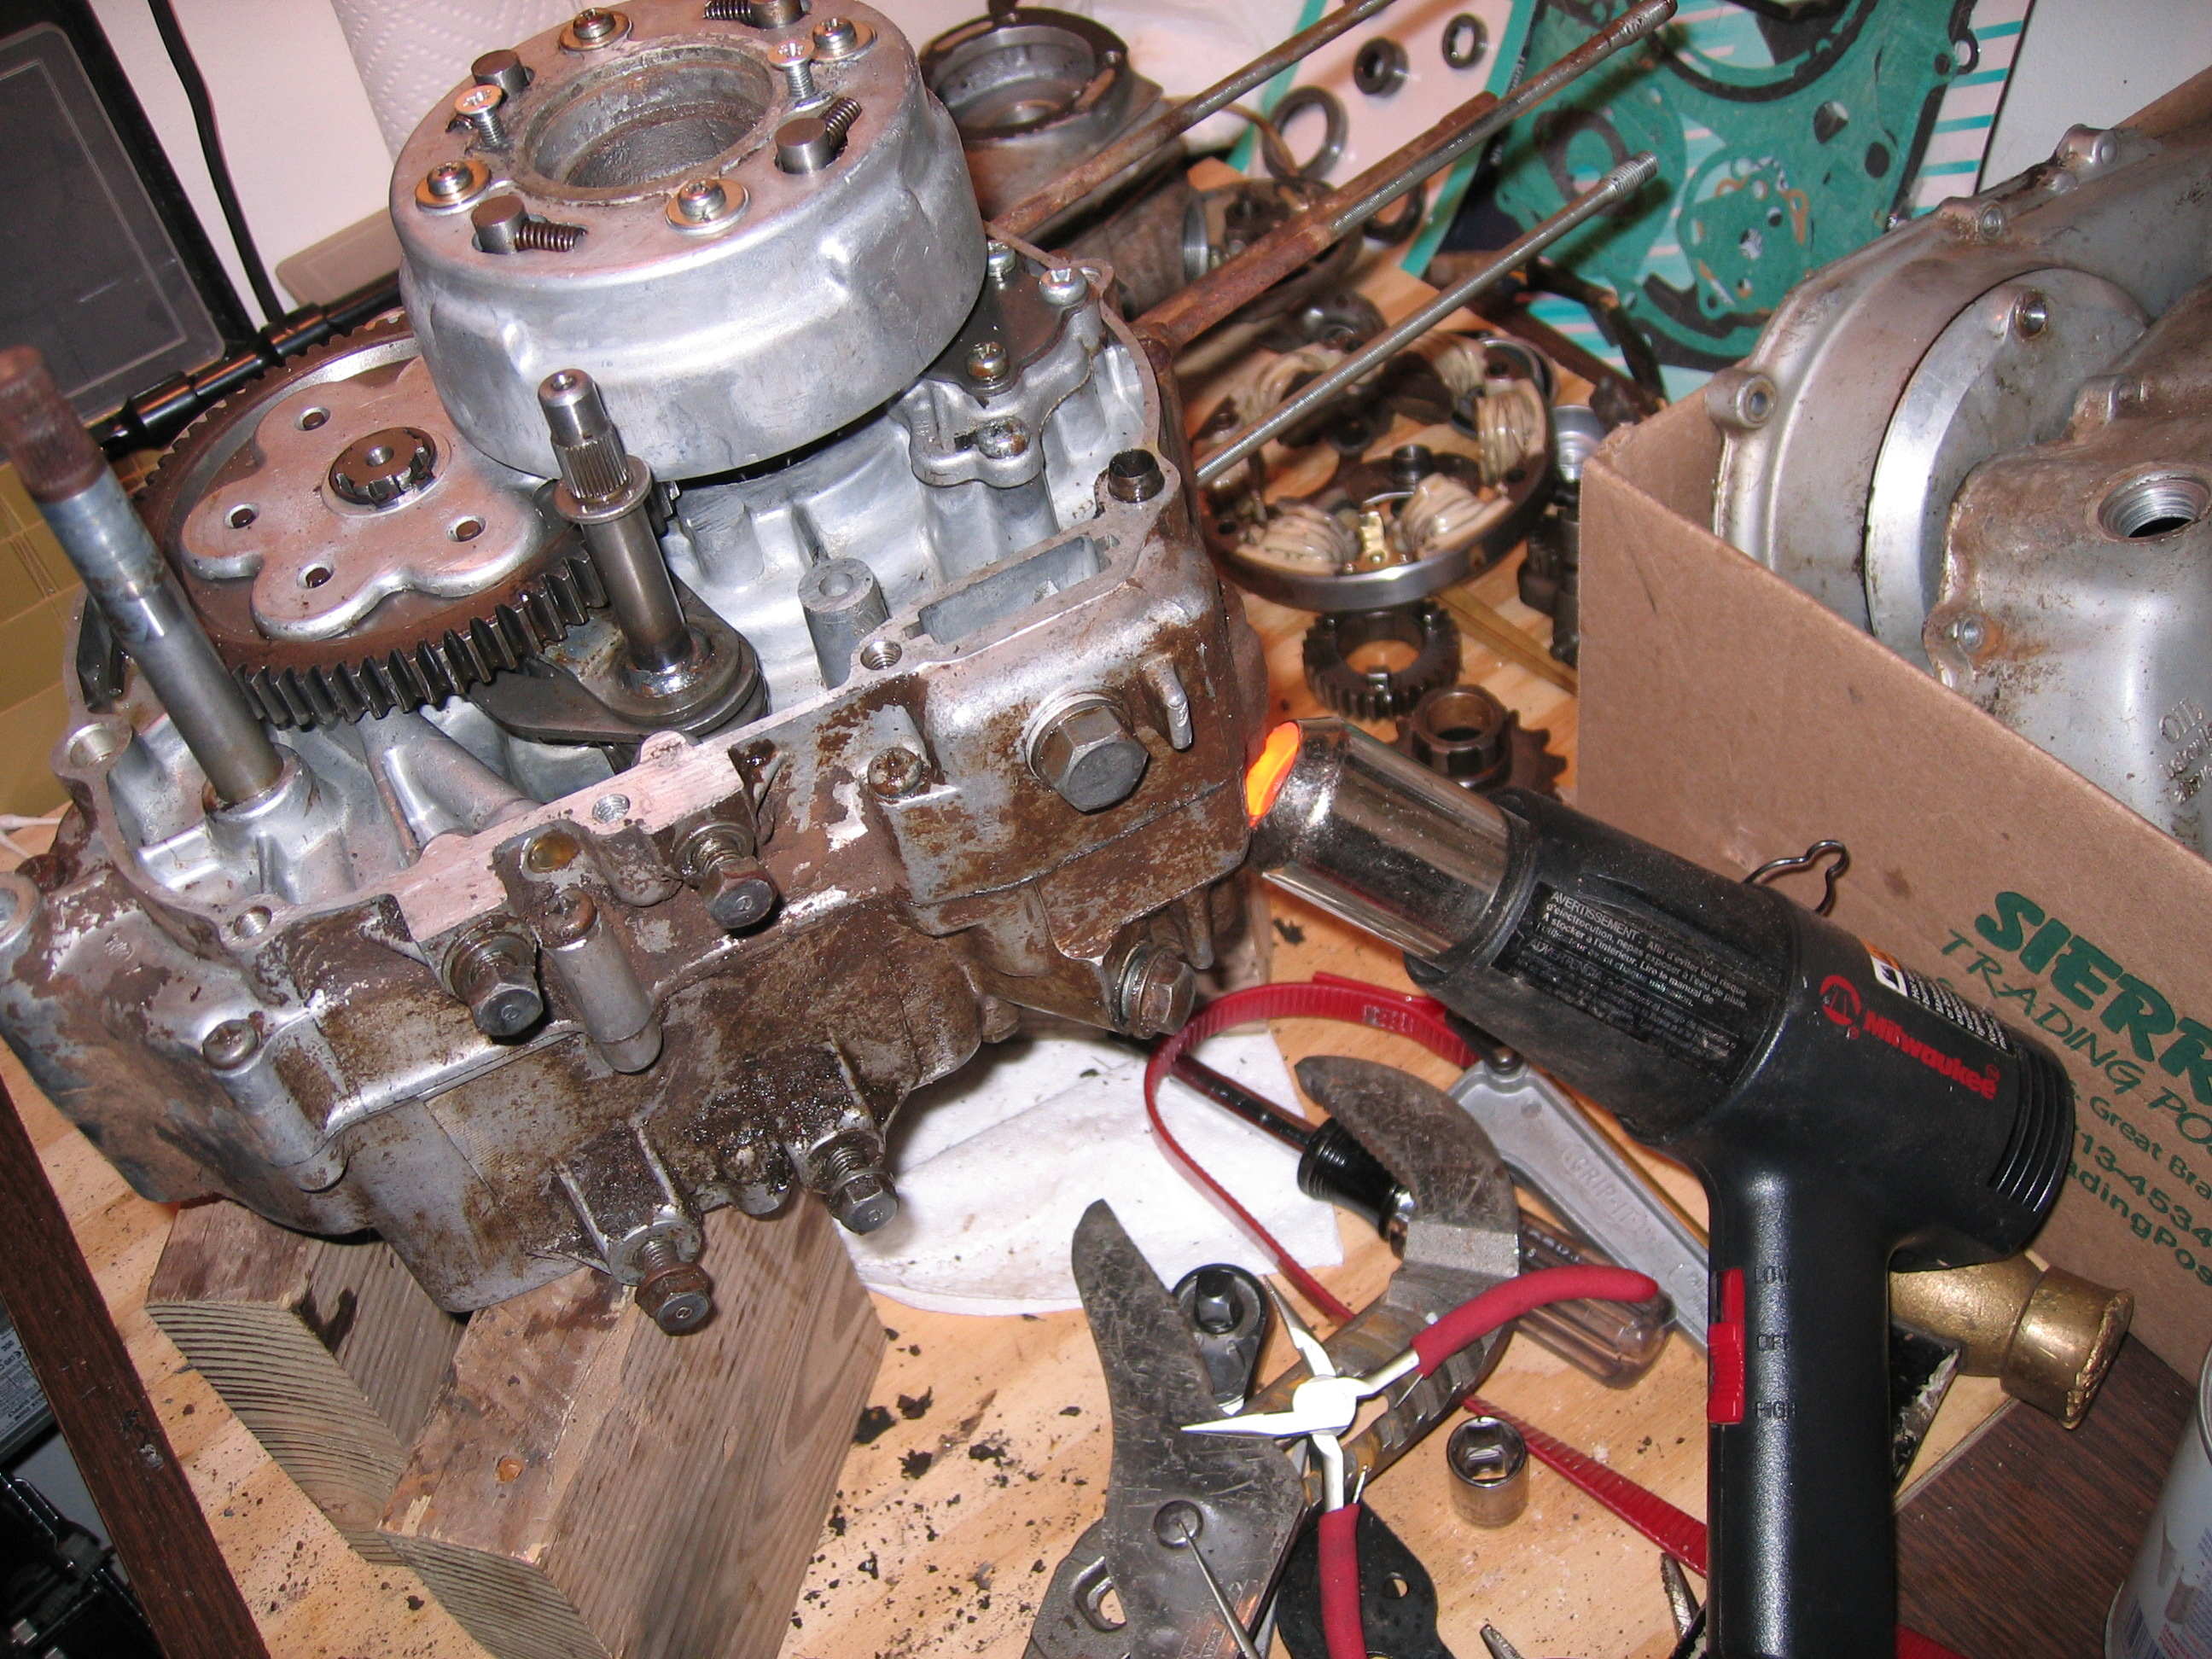 Honda Tl125 Wiring Diagram Electrical C 200 Xlr 125 R Sl70 Chopper